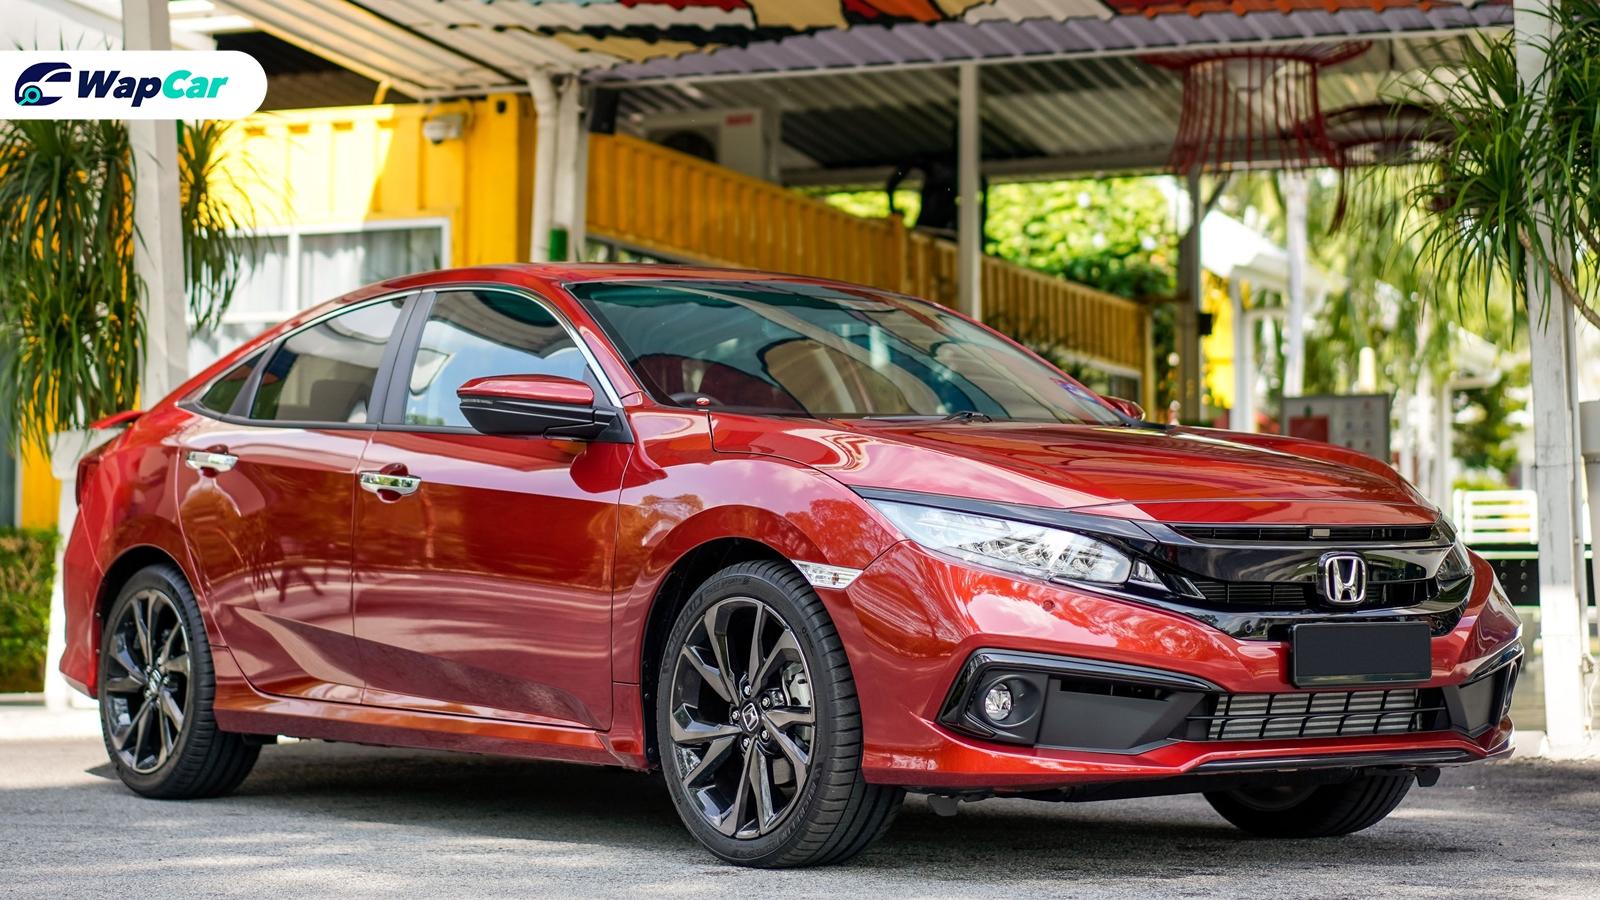 Kelebihan Kekurangan Harga Honda Civic Terbaru Top Model Tahun Ini